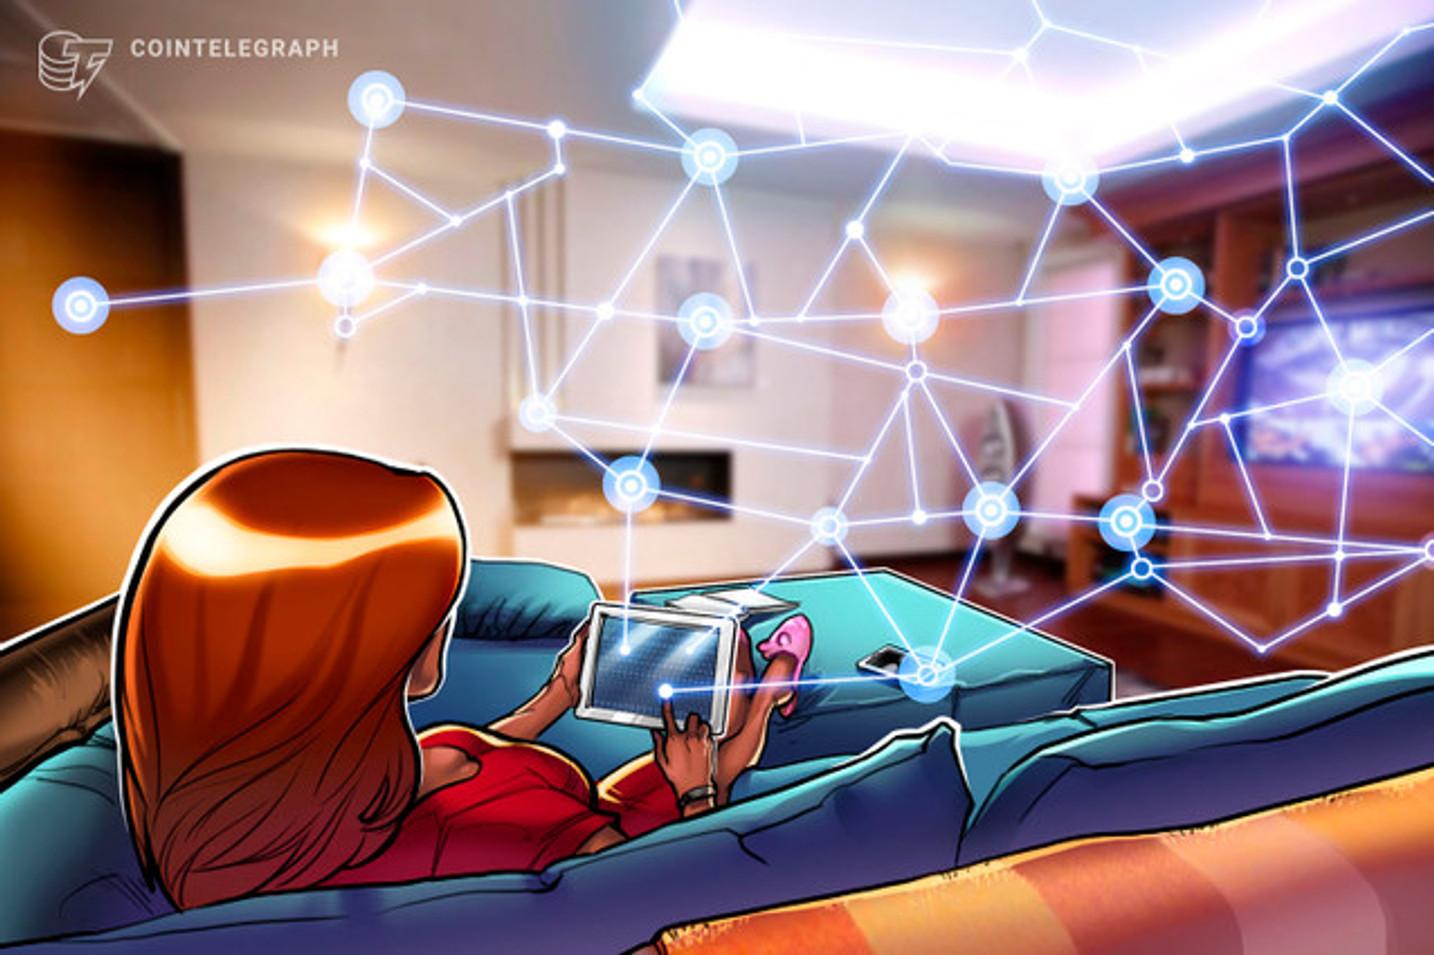 El Internet de las Cosas (IoT) tendrá un reimpulso gracias a las eSIM